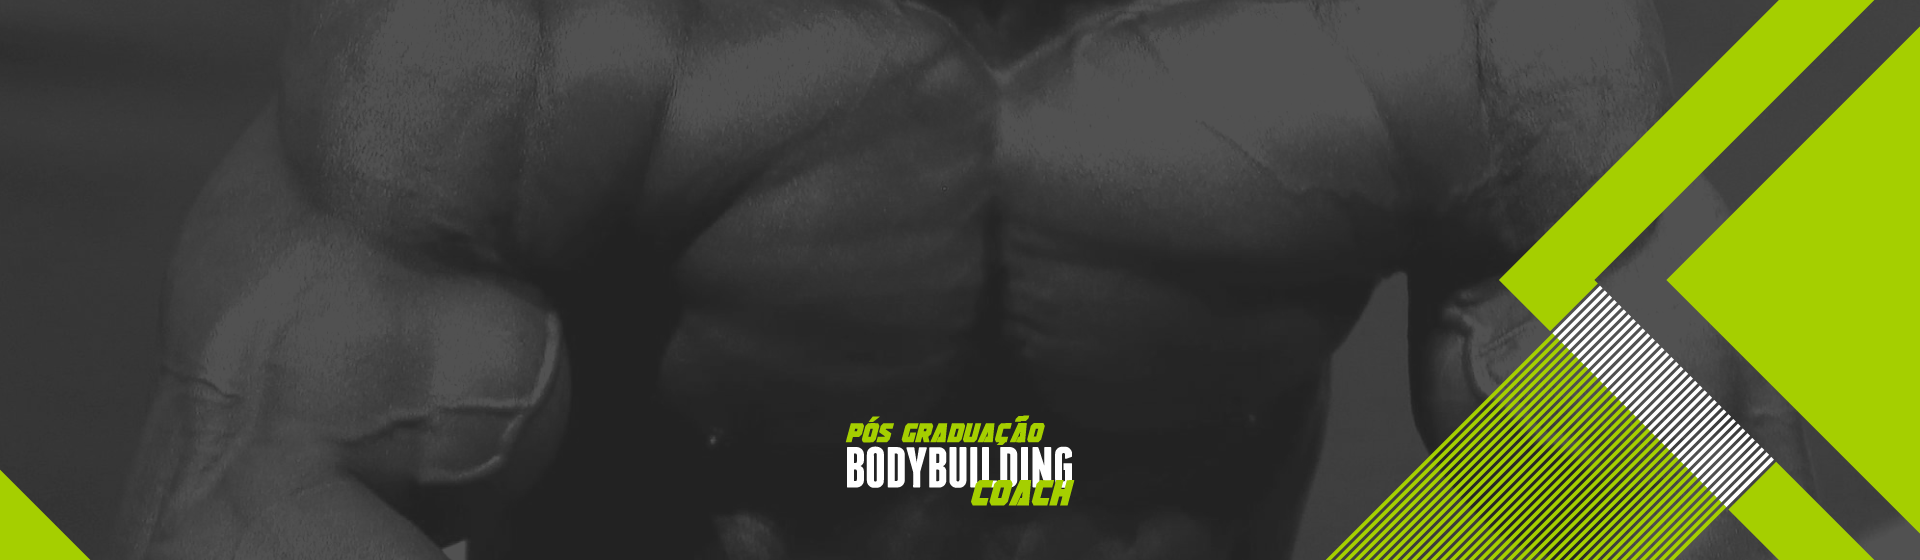 Bodybuilding coach2 1920x560px